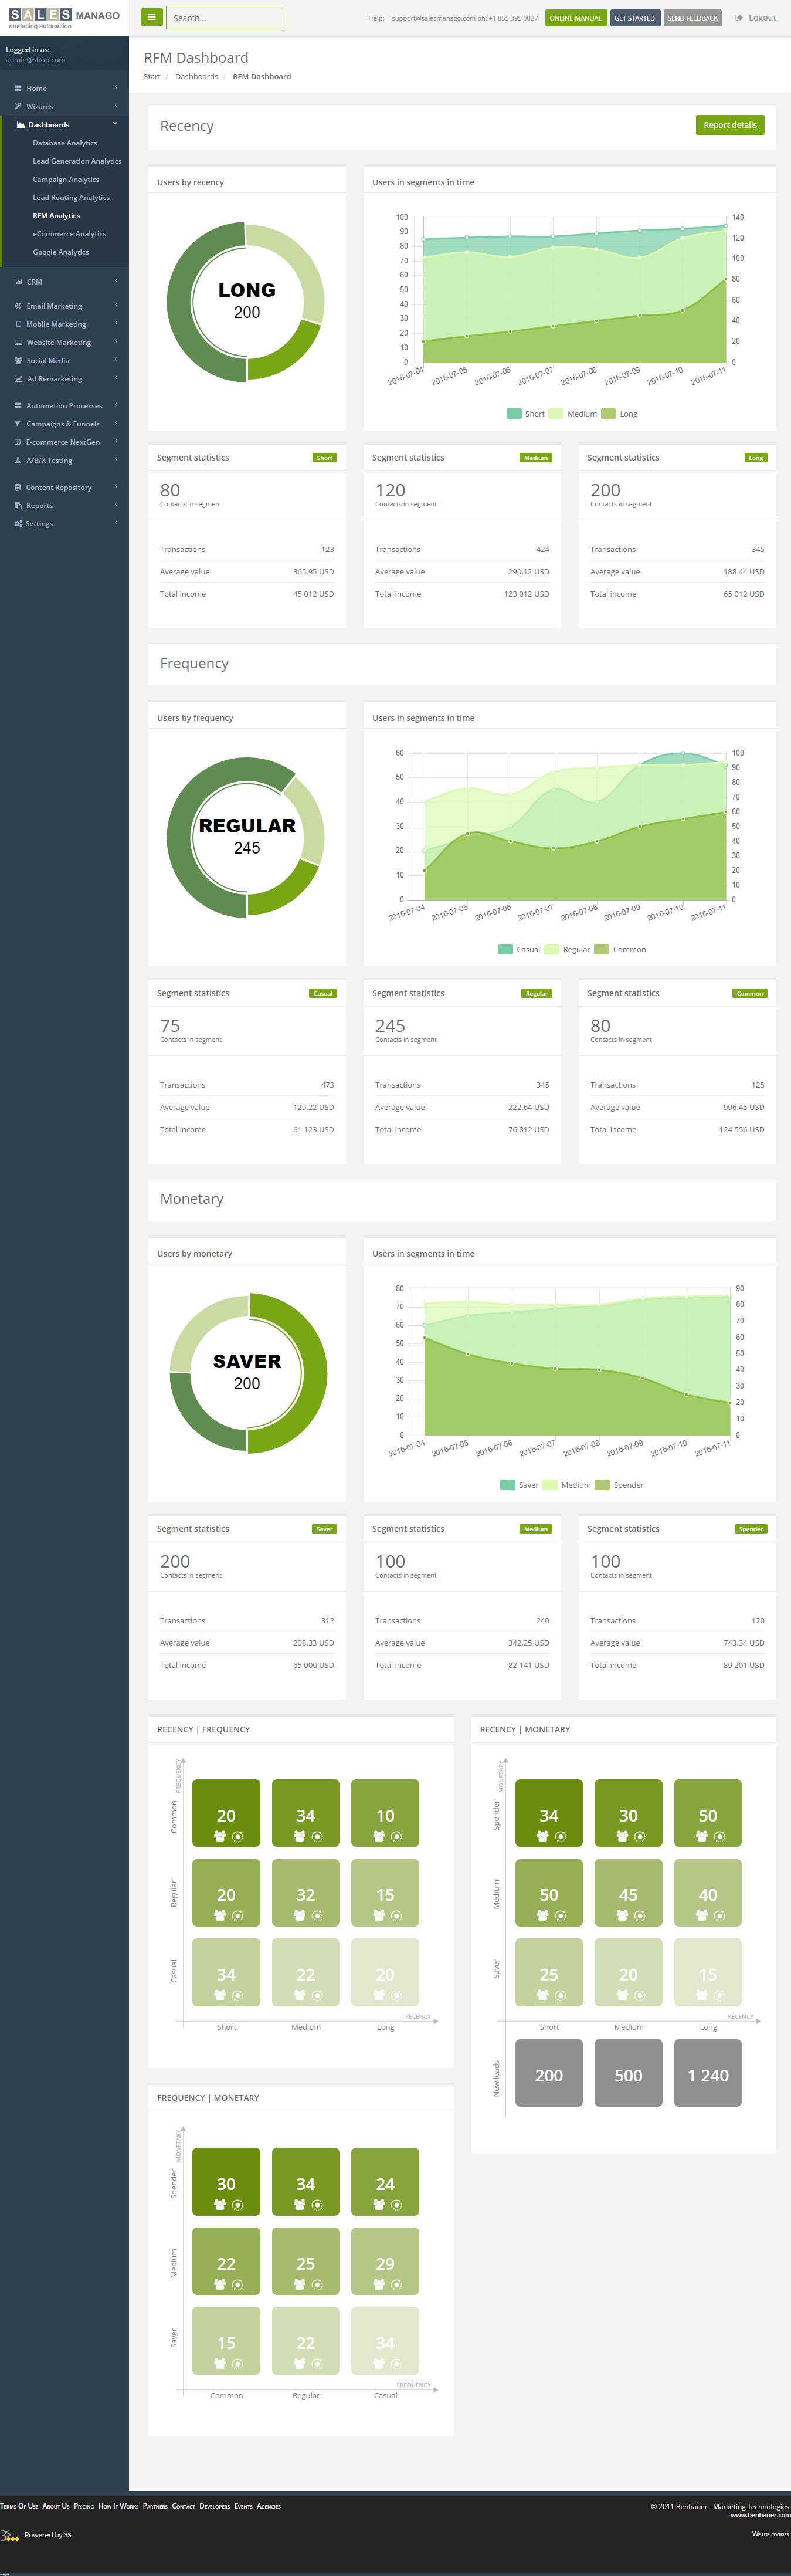 Analytisches Dashboard des RFM-Moduls